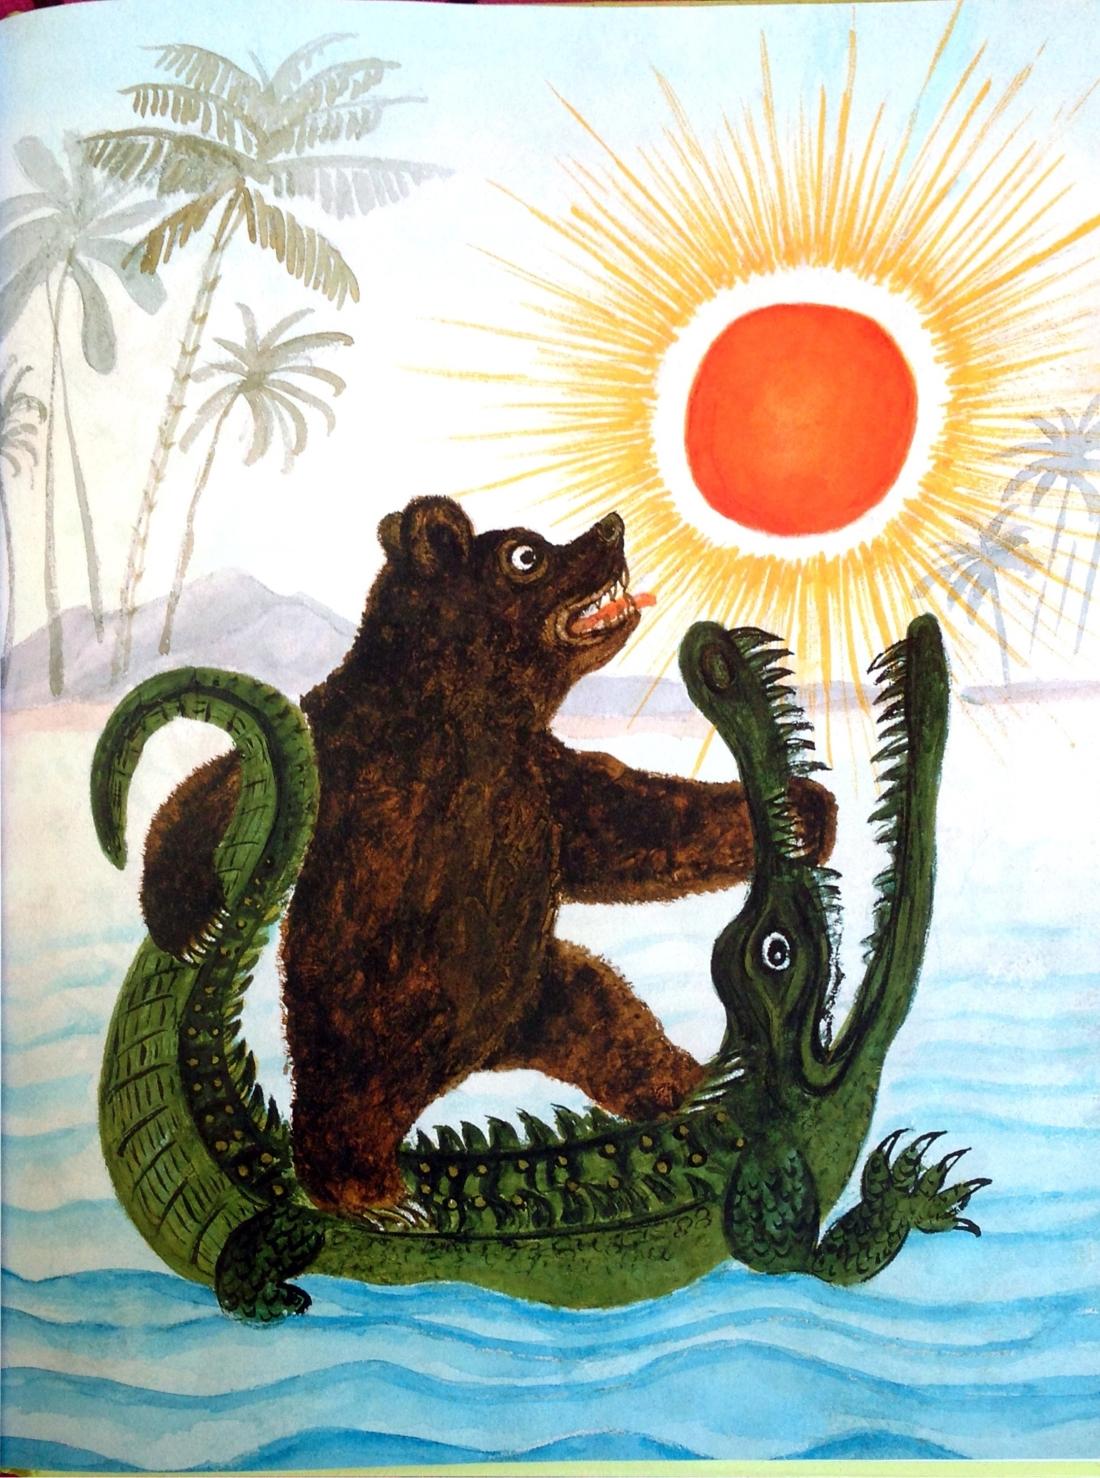 намного старше картинки из сказки краденое солнце медведь урожайность, сокращает сроки